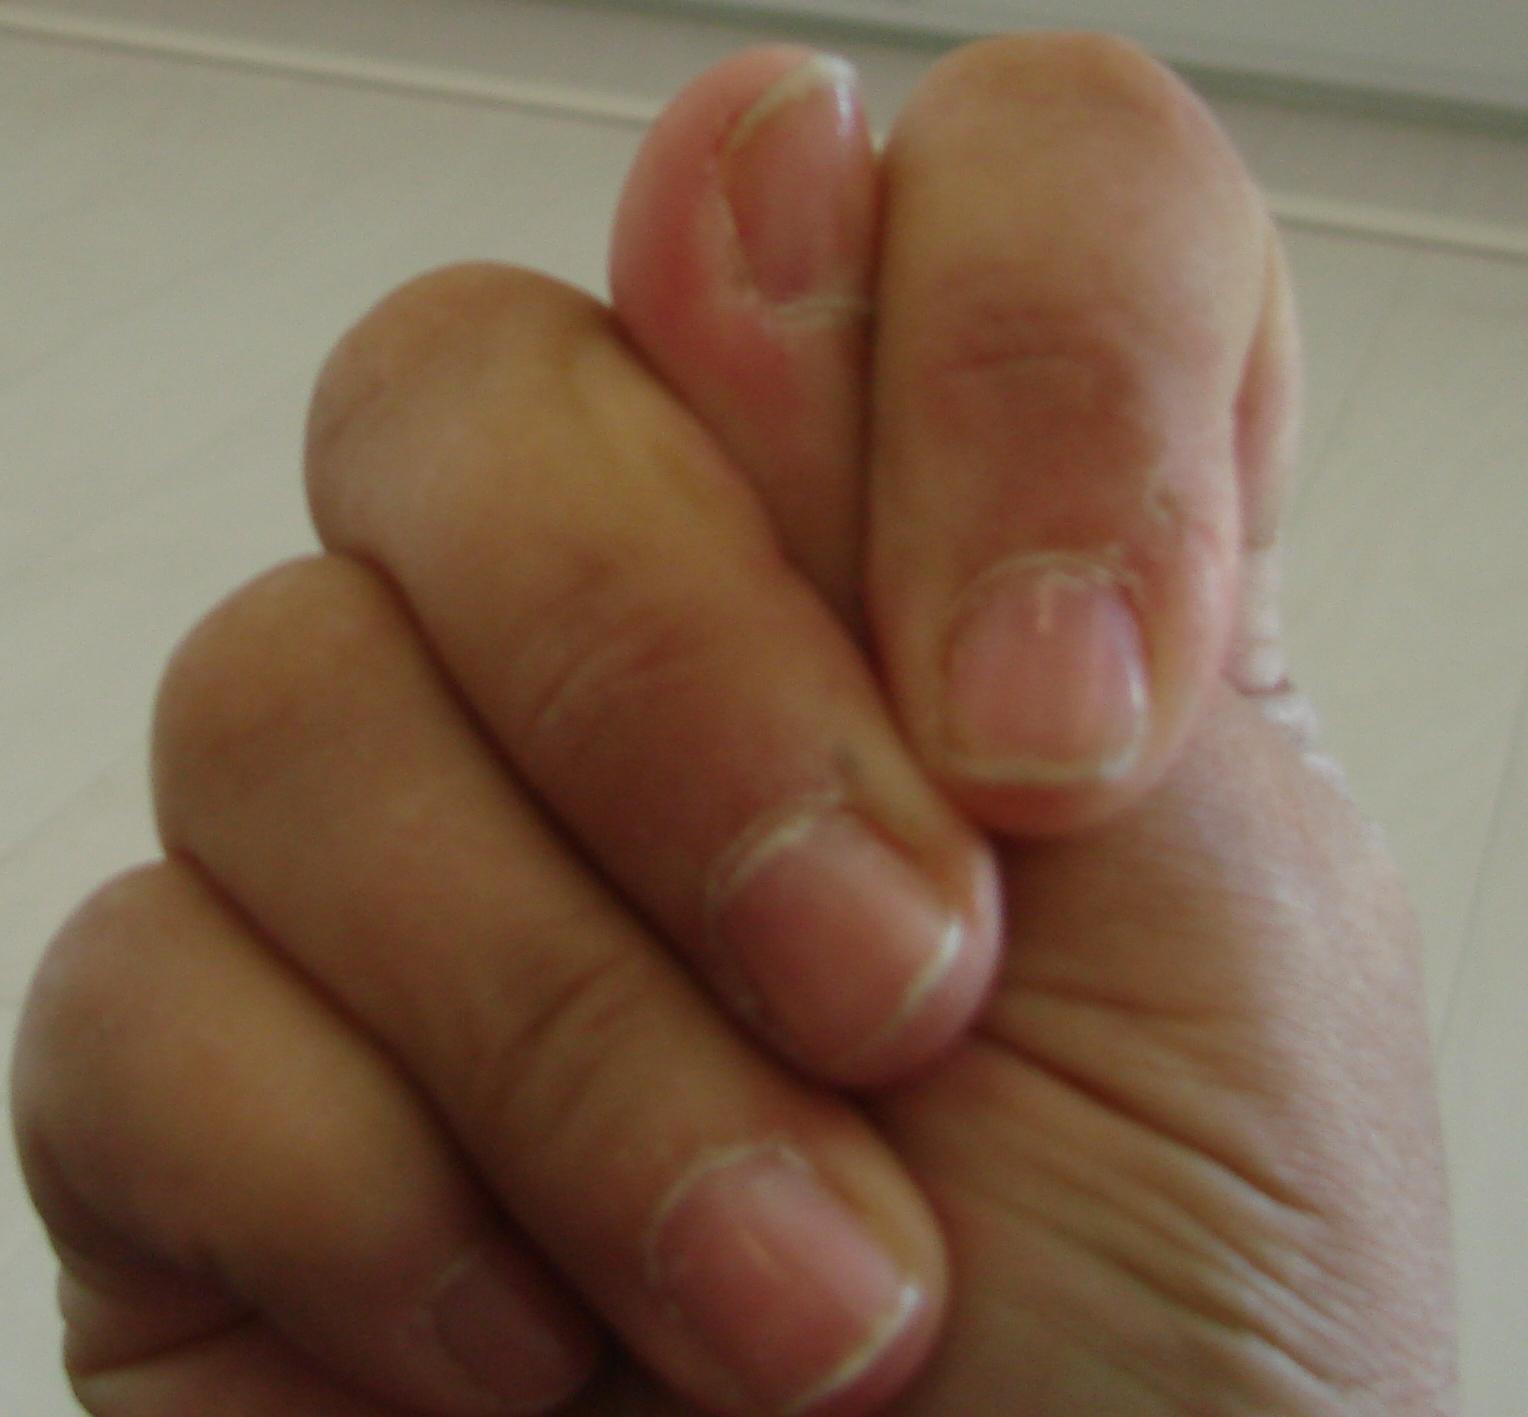 Δάχτυλο πρωκτικό σεξ